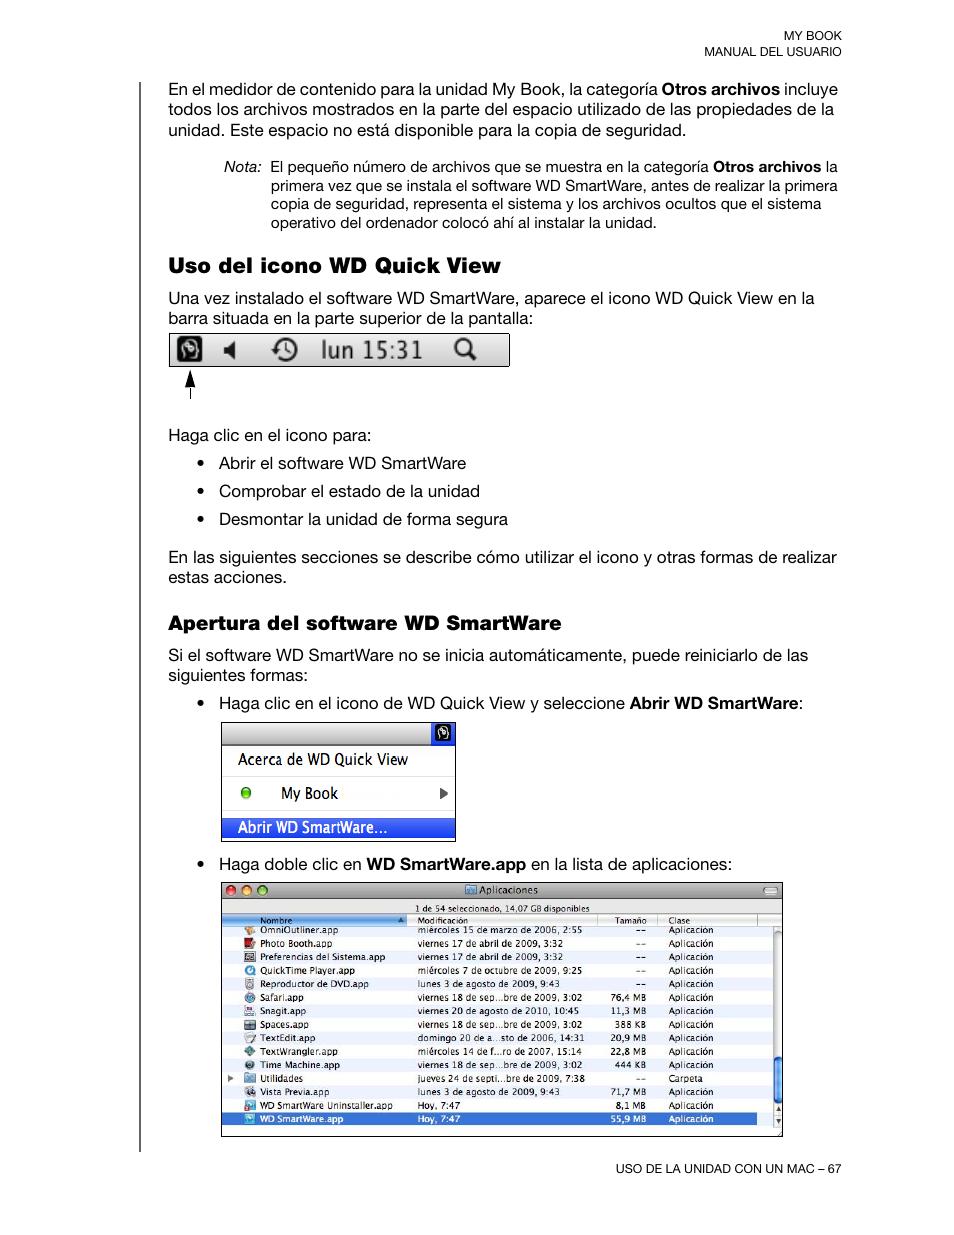 Uso del icono wd quick view, Apertura del software wd